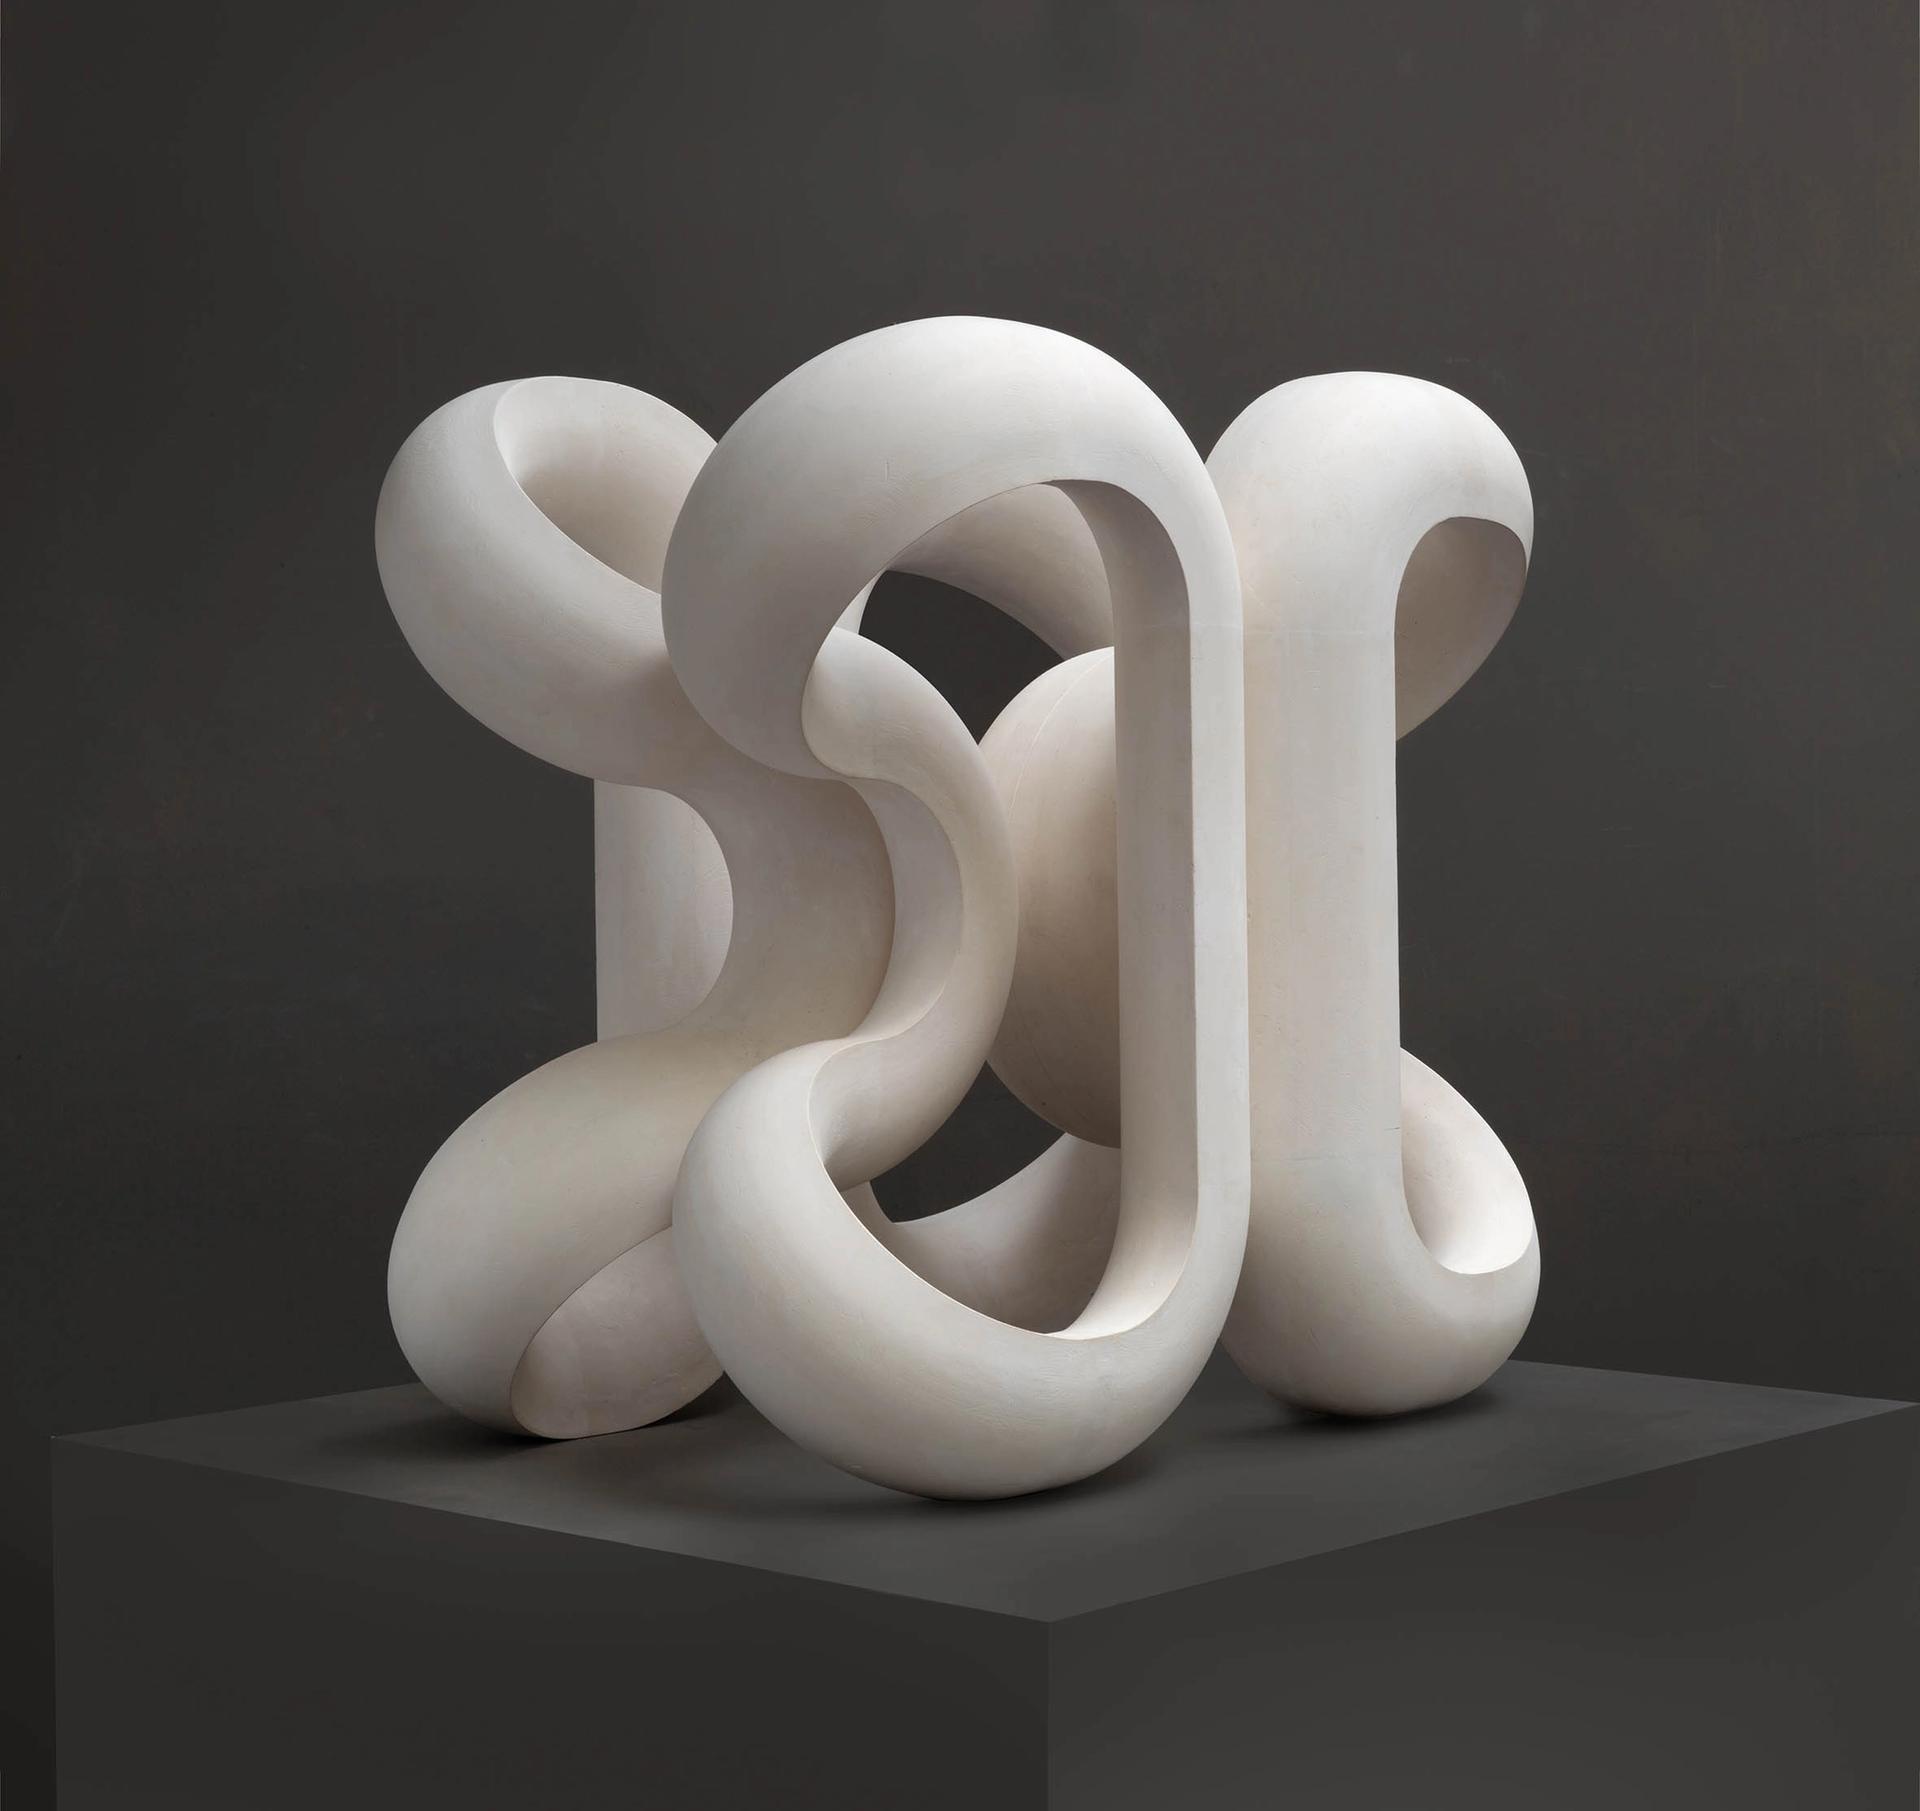 Paul de Monchaux, Volute VI (2018) Courtesy of the artist, Megan Piper and Bowman Sculpture